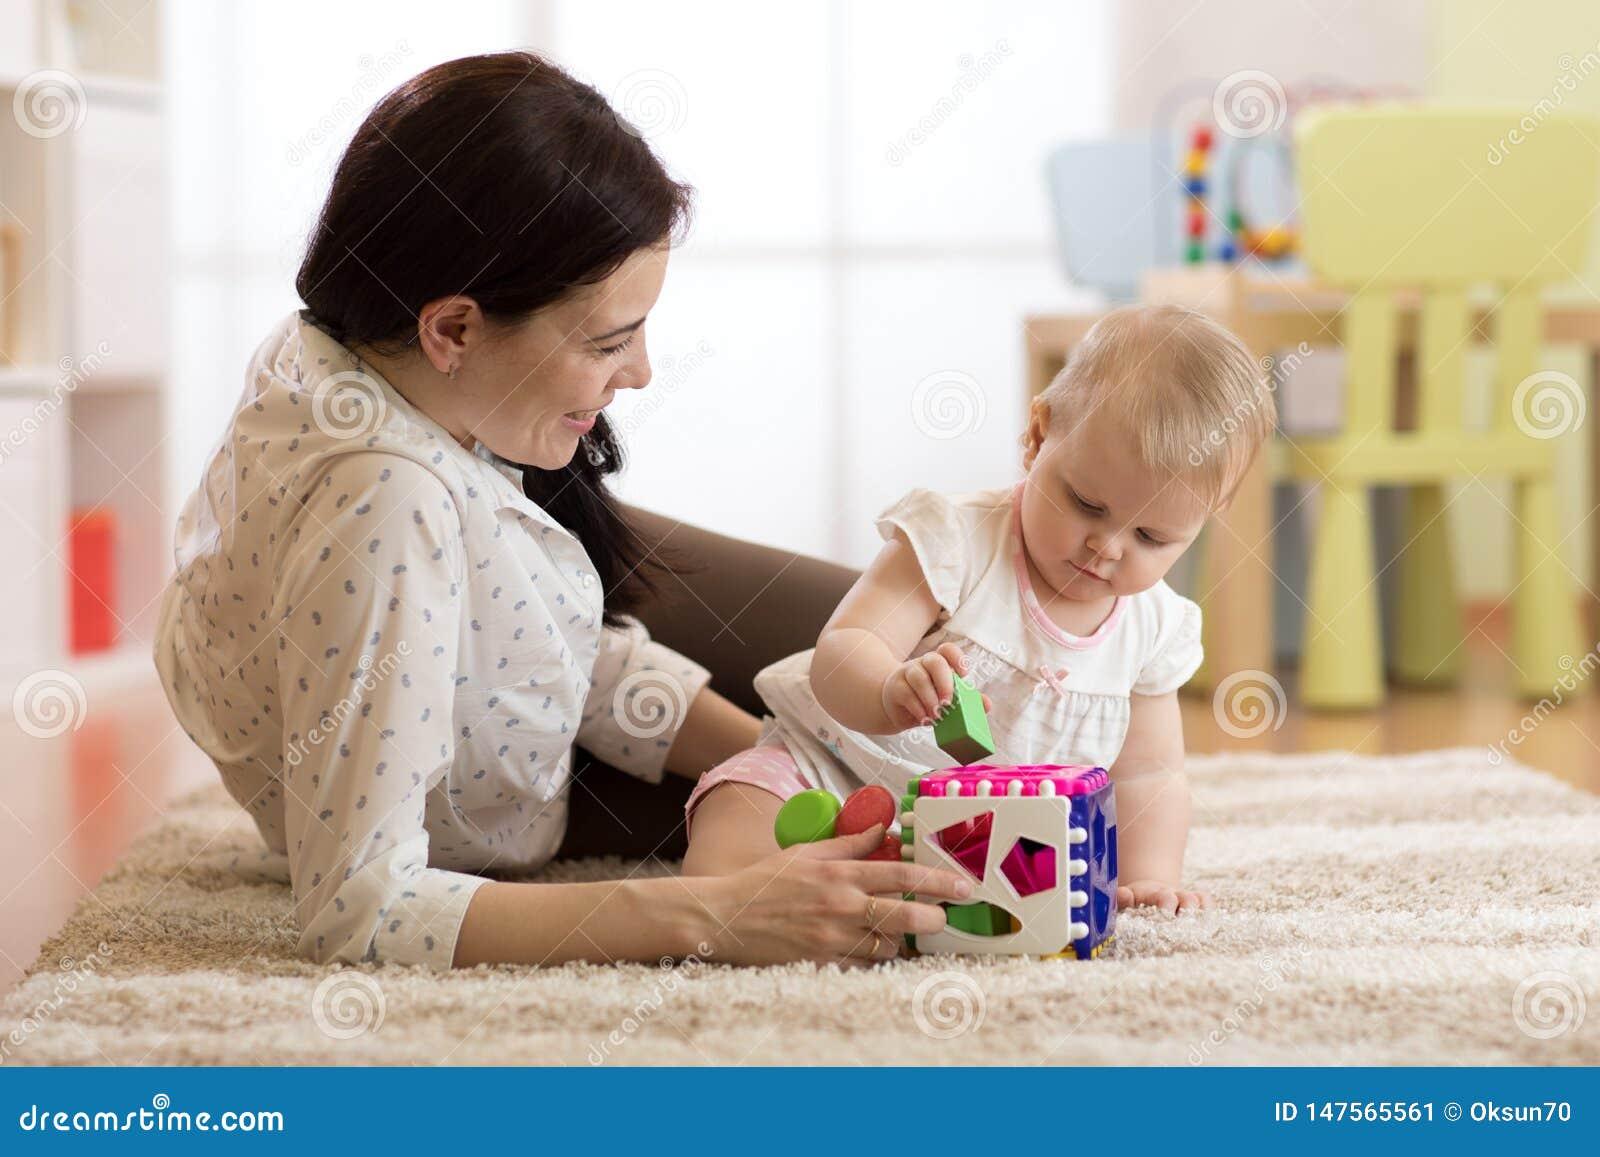 Madre e neonata che giocano con i giocattoli inerenti allo sviluppo nella stanza della scuola materna